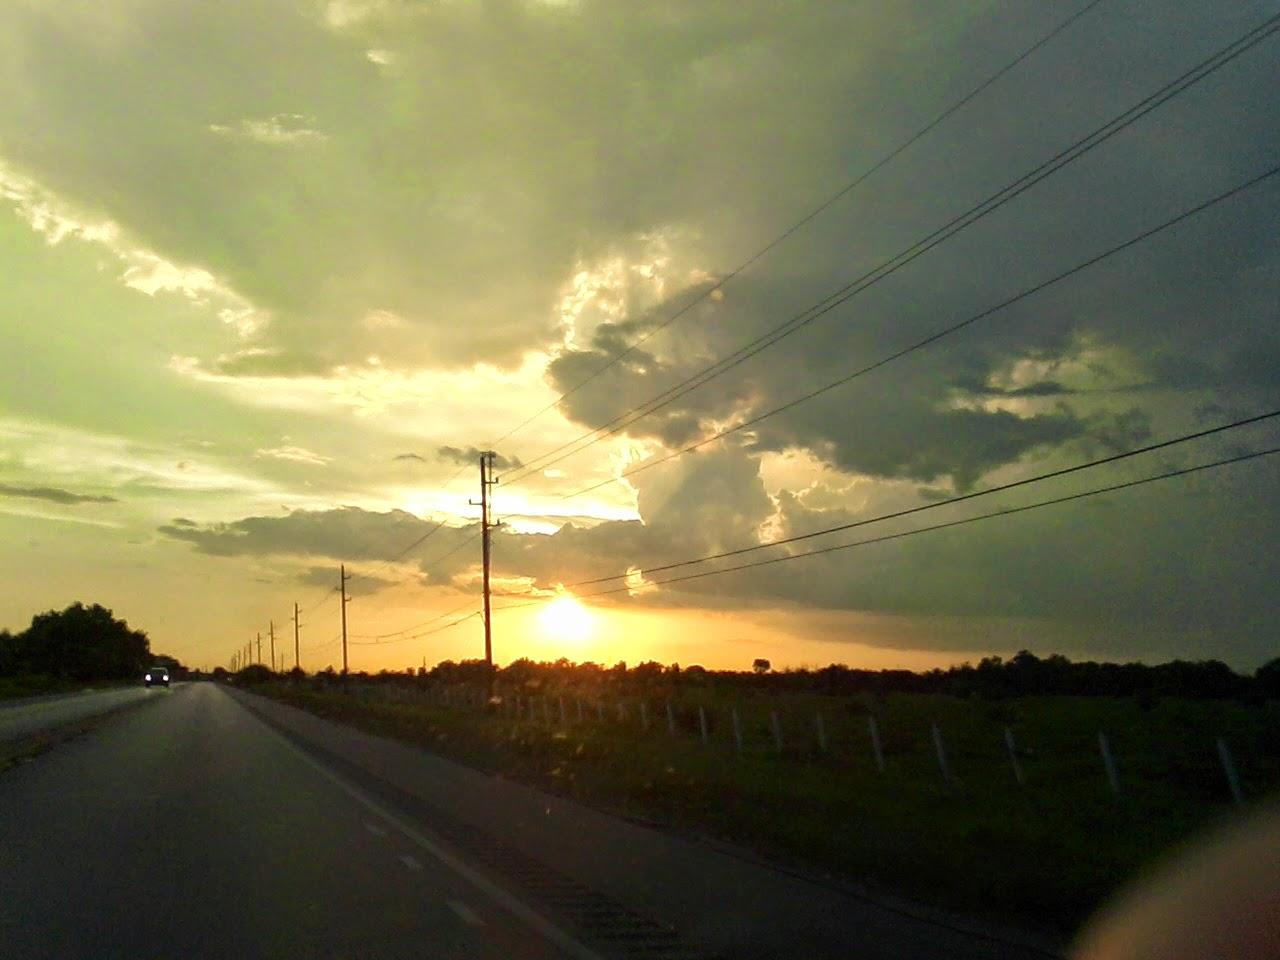 Sky - 0713200625.jpg